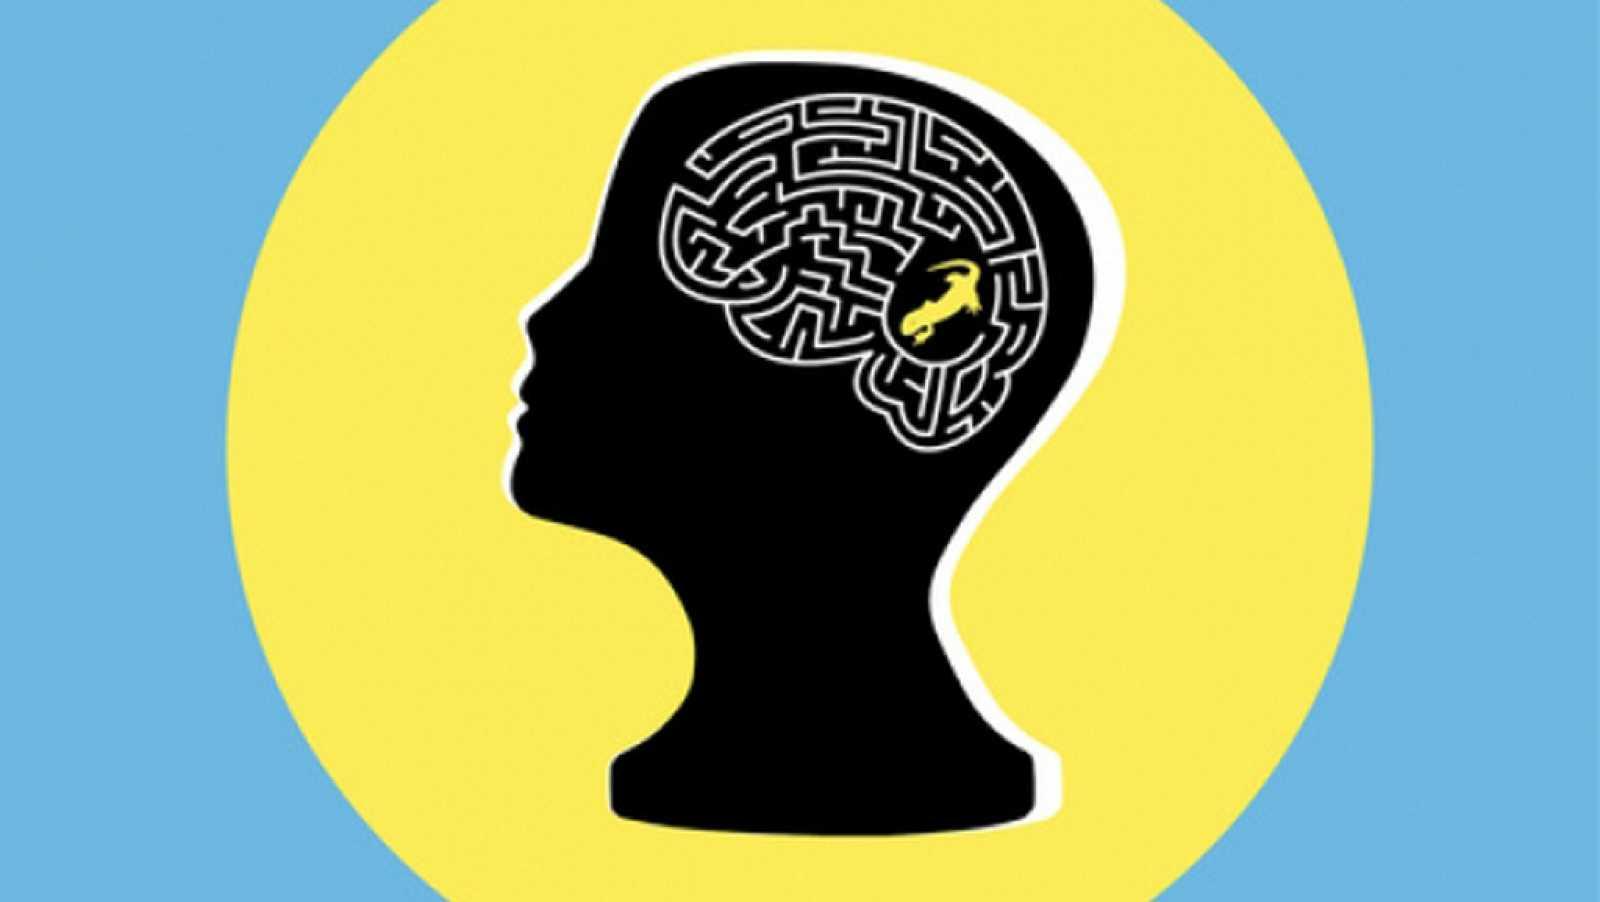 Artesfera - El fin de la ansiedad. El mensaje que cambiará tu vida - 29/07/19 - escuchar ahora